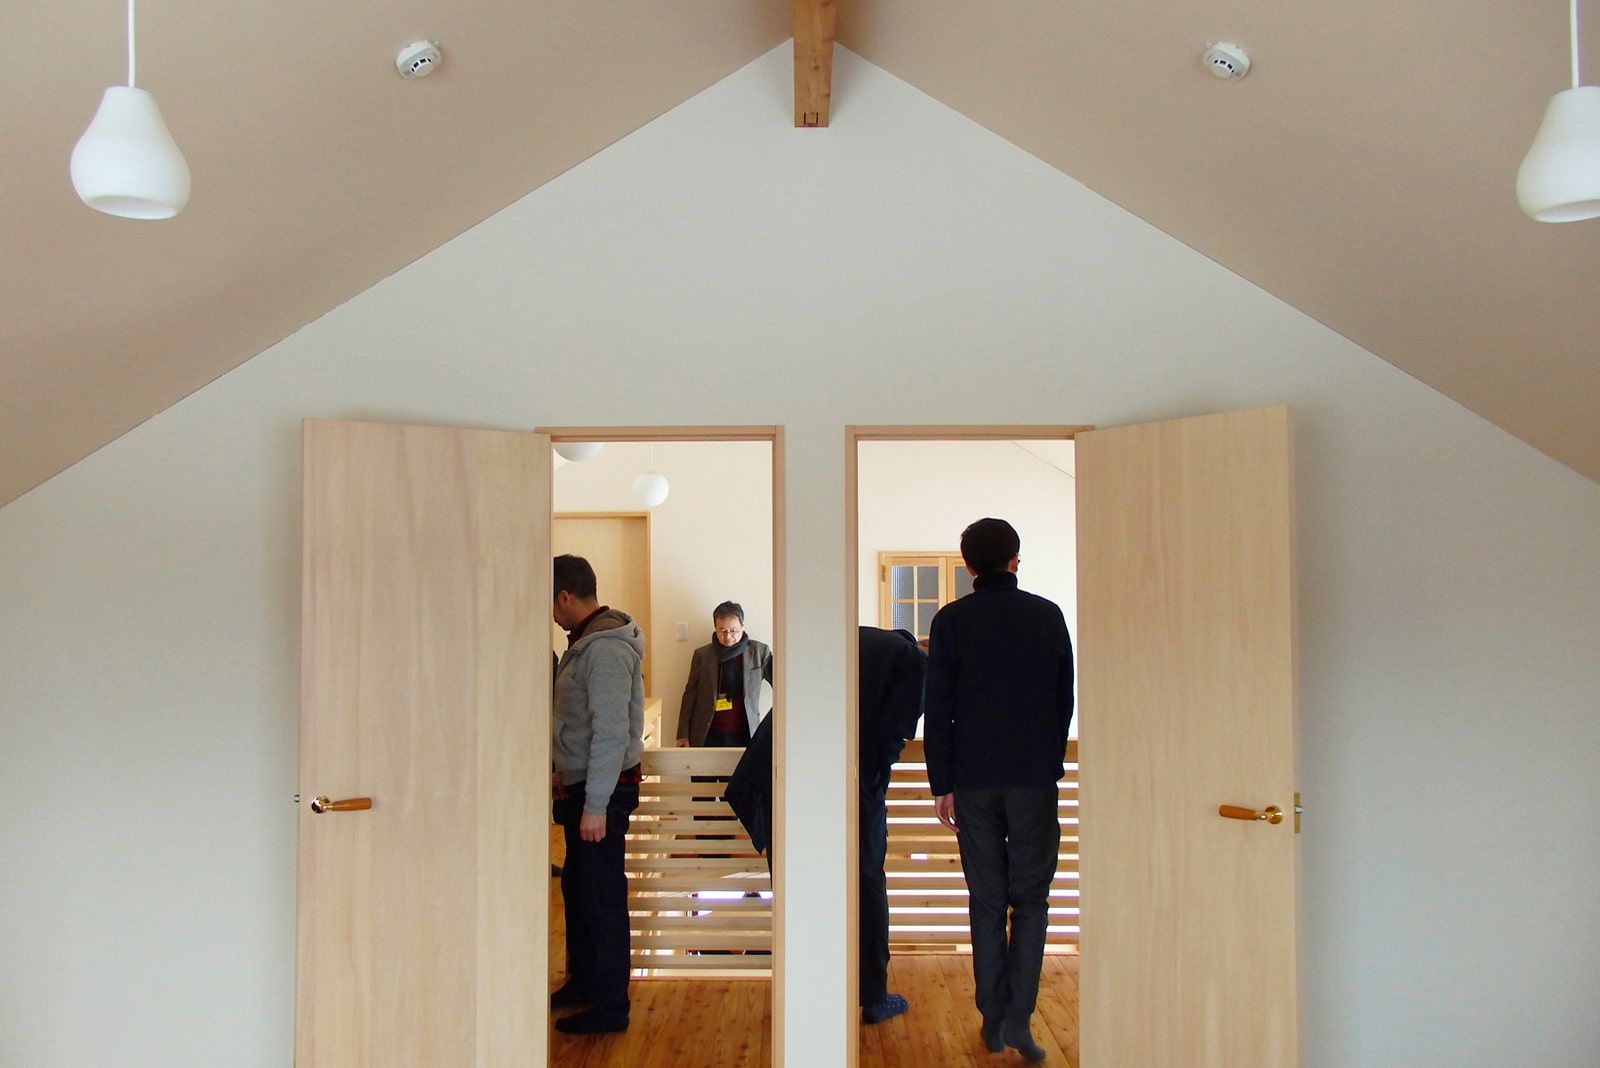 子ども部屋は将来、2部屋に分けられるよう扉も2つ。三角屋根からのこの対象、なんだか気持ちいいね